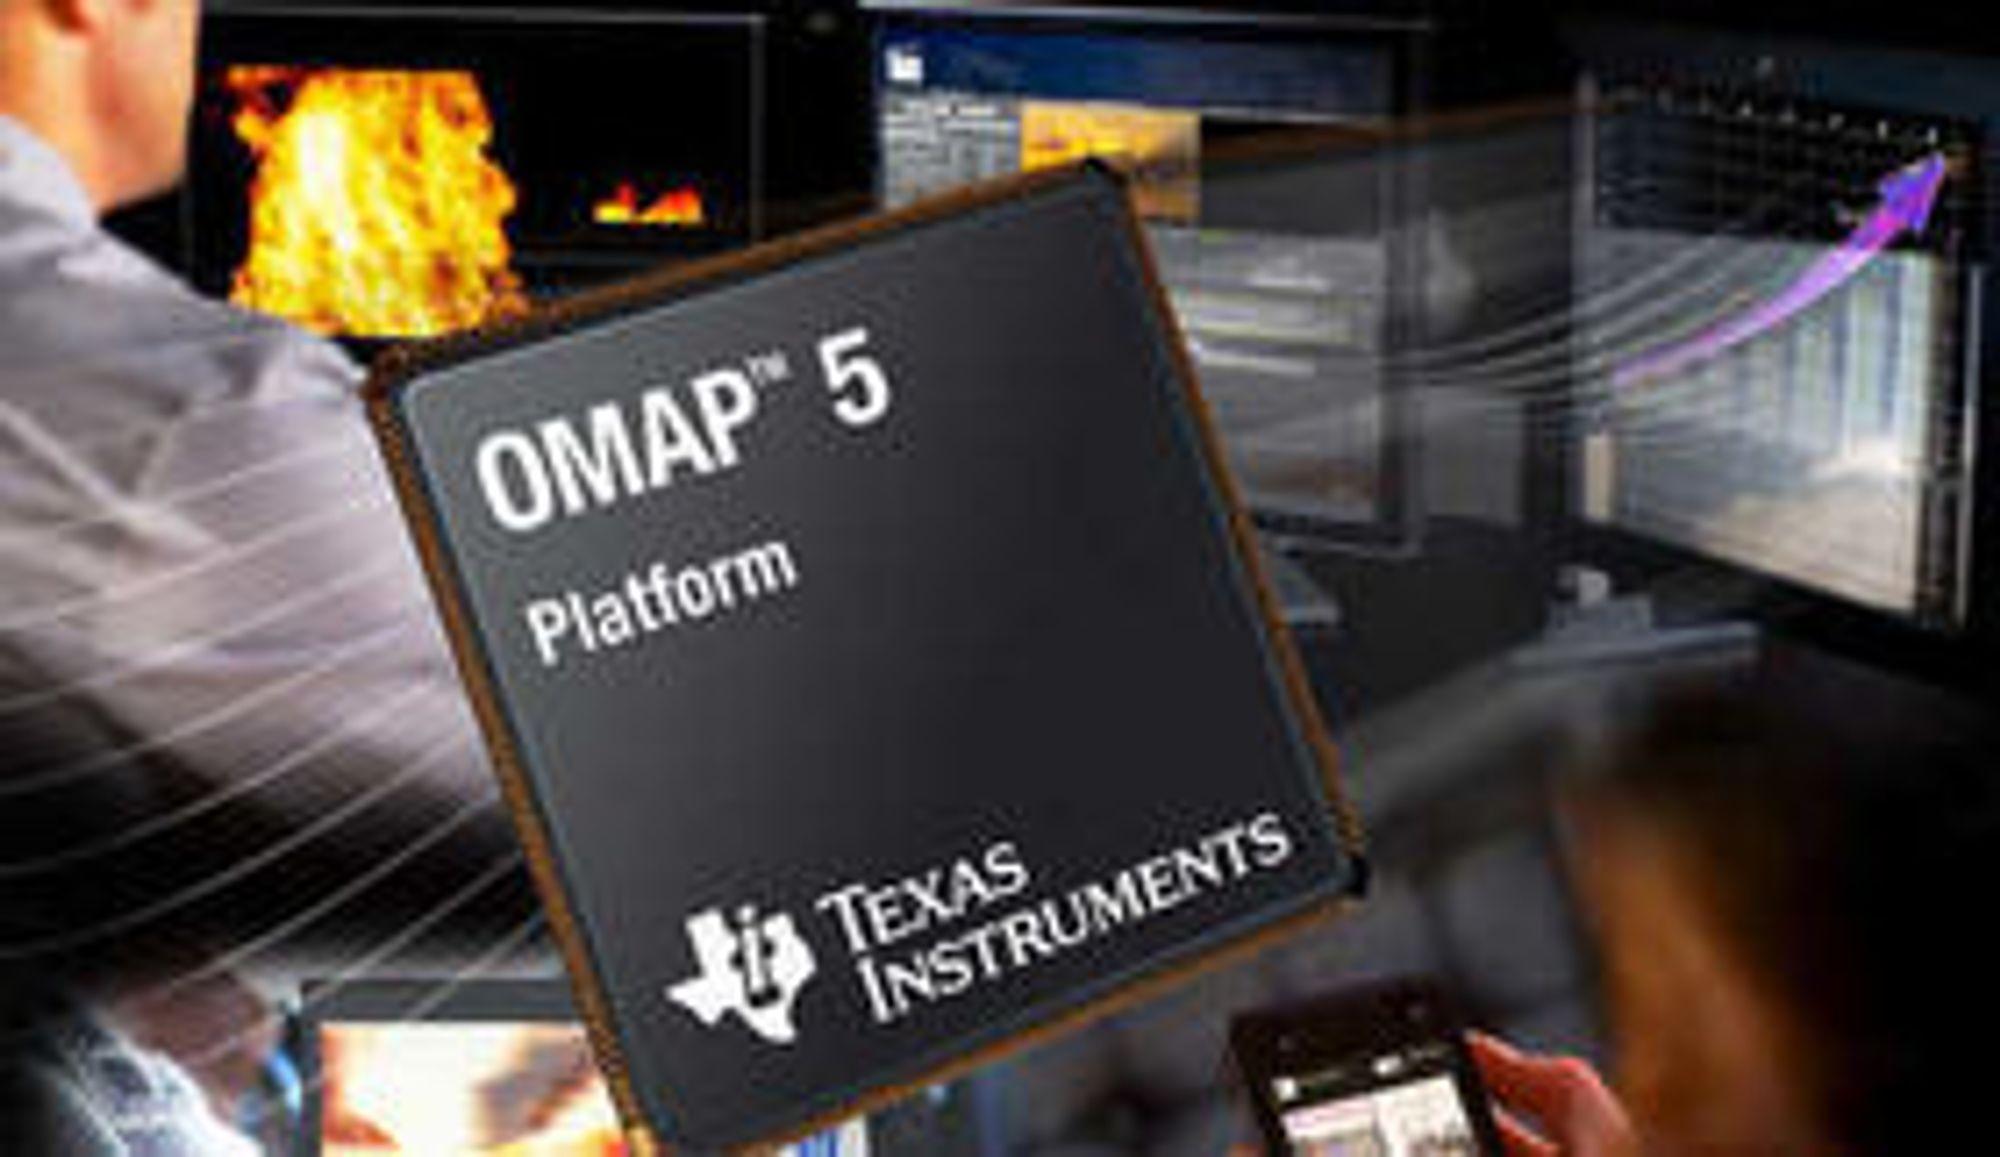 Texas Instruments tjener ikke nok på OMAP-brikkene som brukes i smarttelefoner og nettbrett. Nå vil de kutte i satsningen.